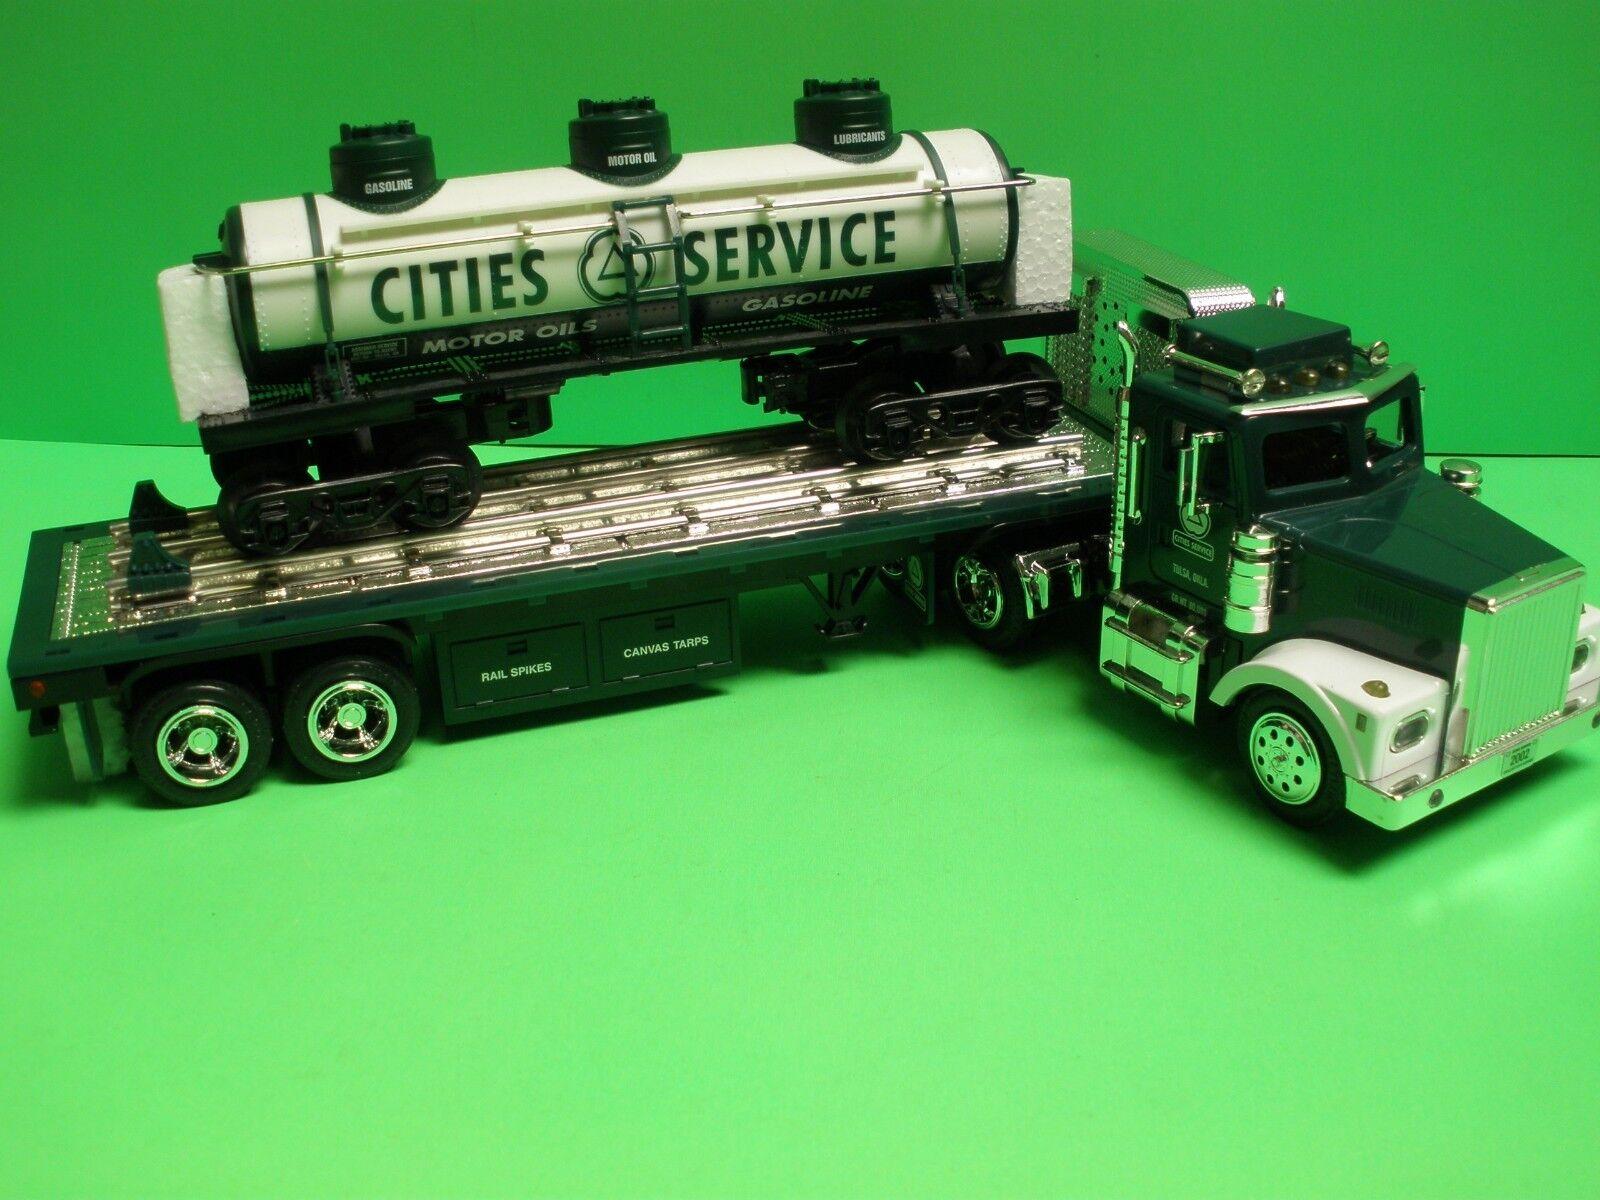 Cities Service Tracteur Remorque Camion Citgo 3 Dôme TANKER train voiture Taylor camions